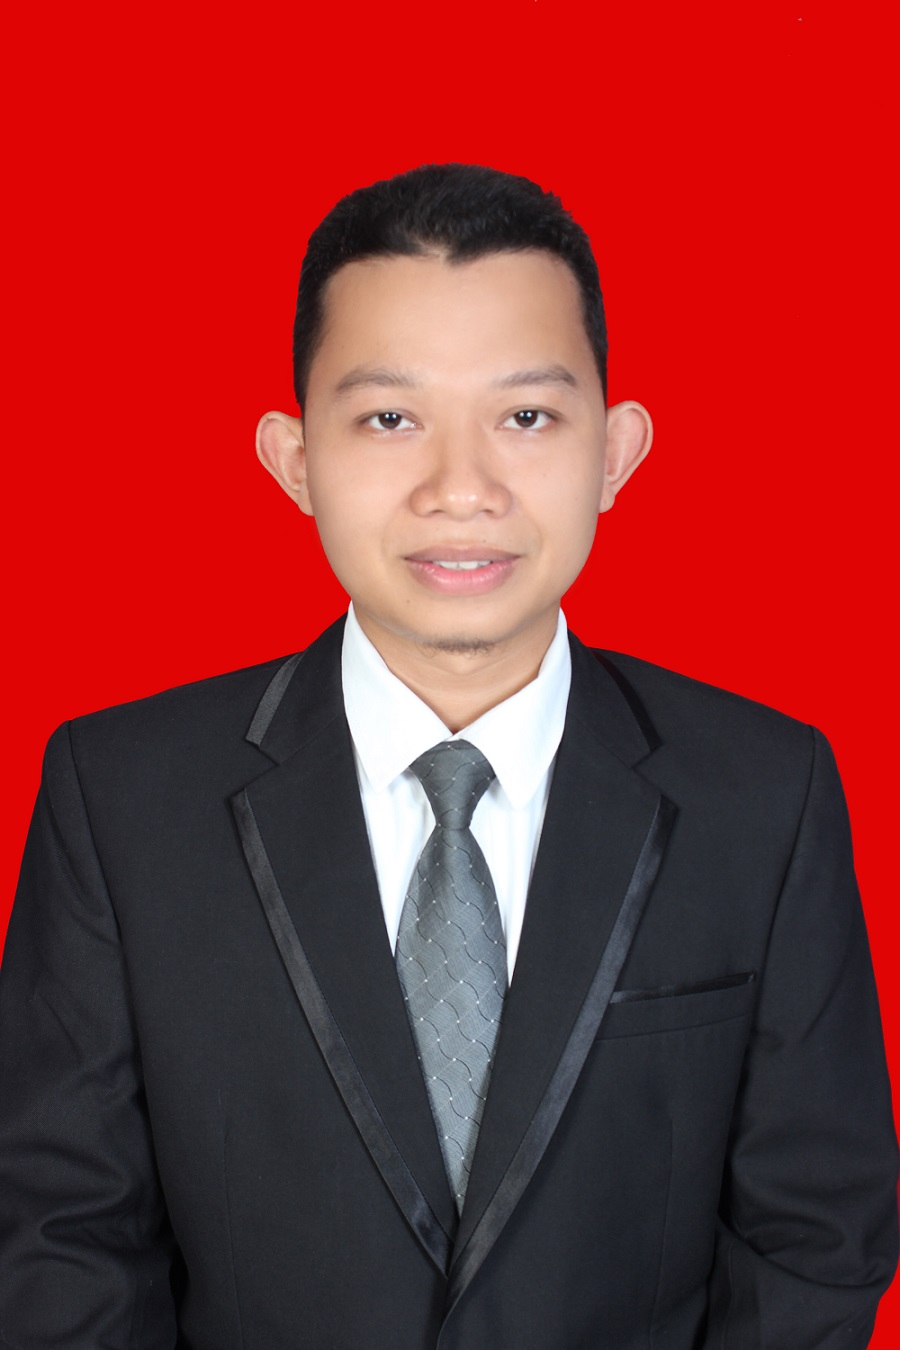 Abdul Alimul Karim, S.T., M.T.